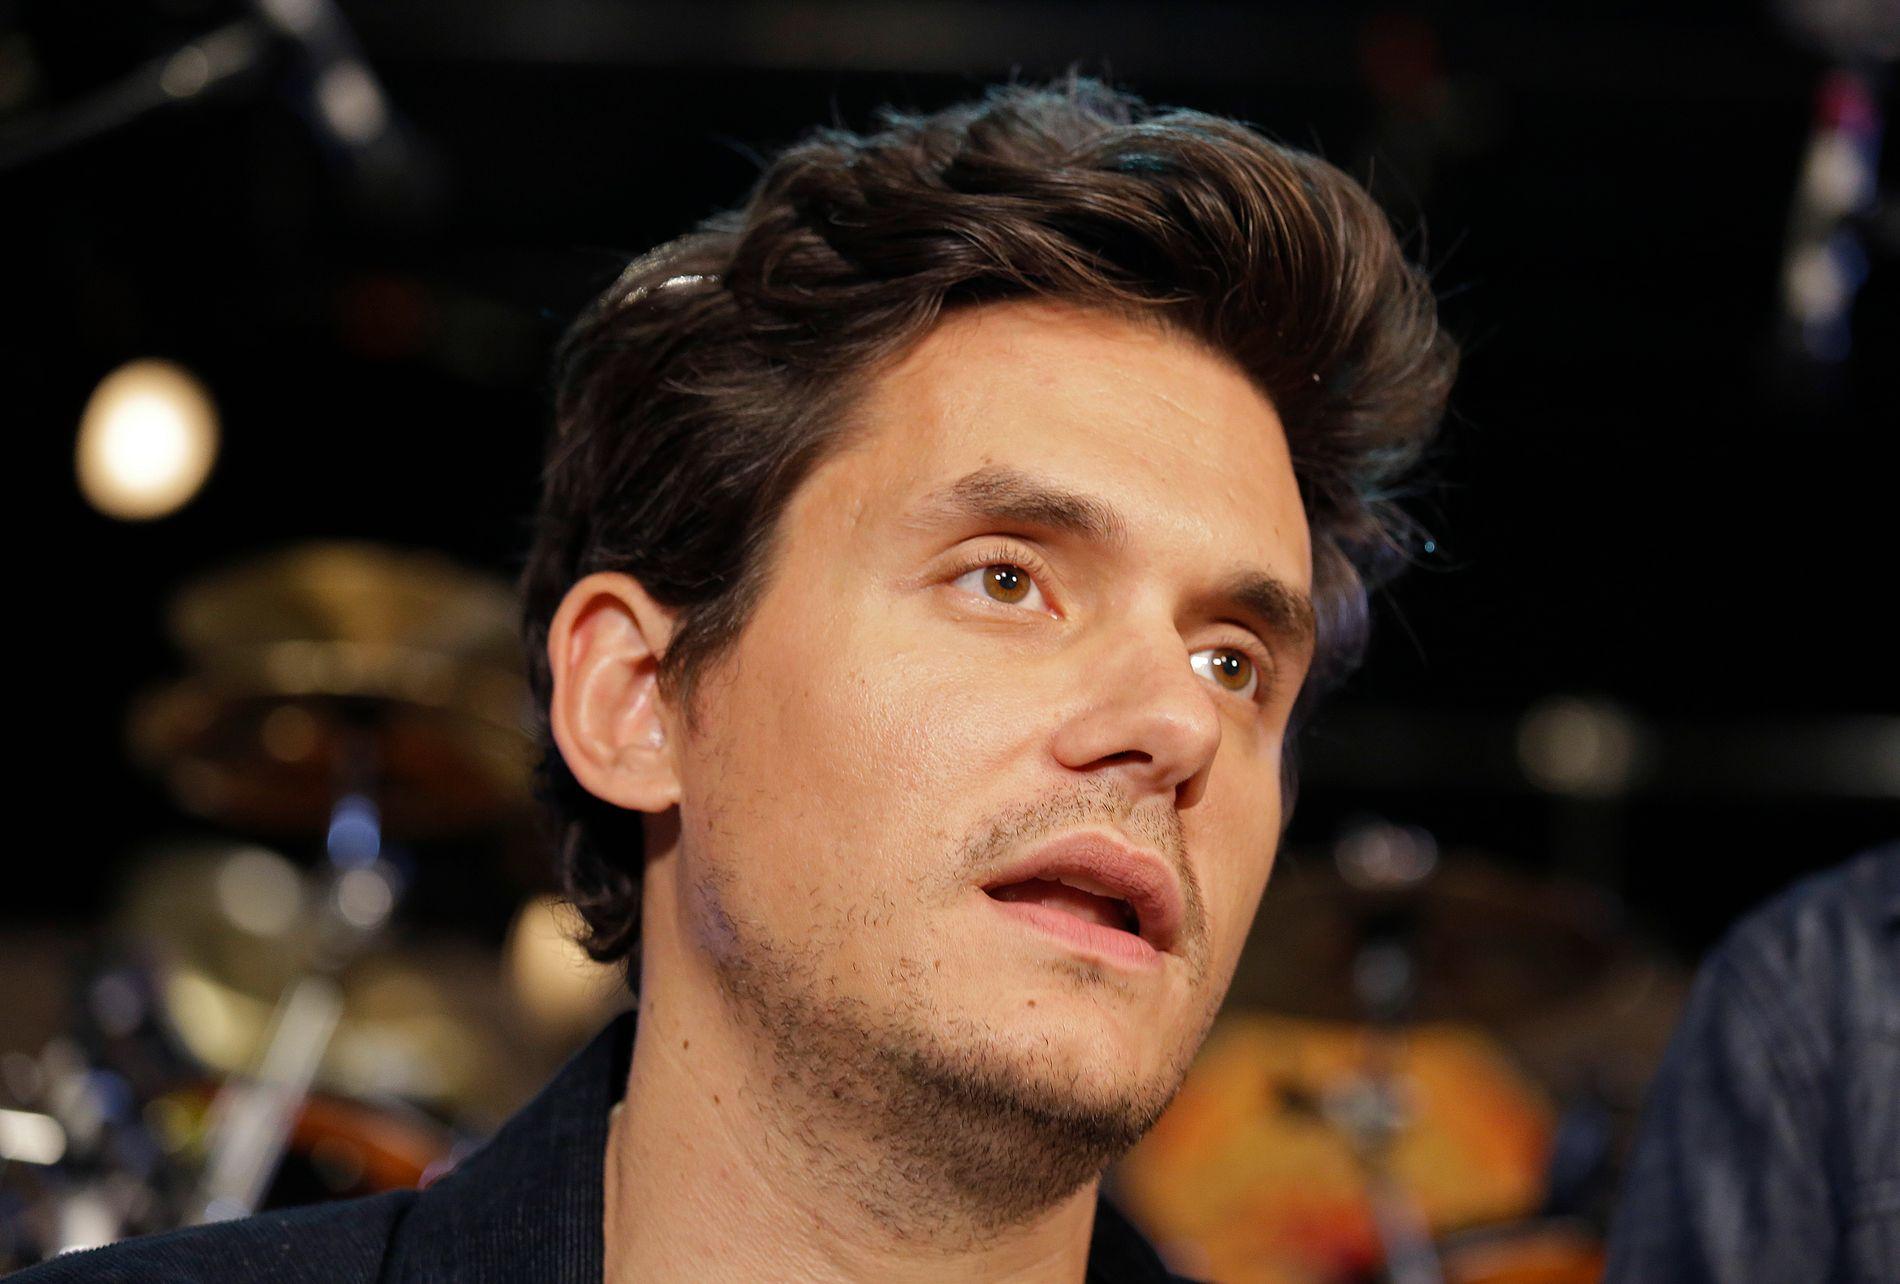 KJÆRESTE: John Mayer har tidligere vært sammen med Jennifer Aniston og Jessica Simpson.